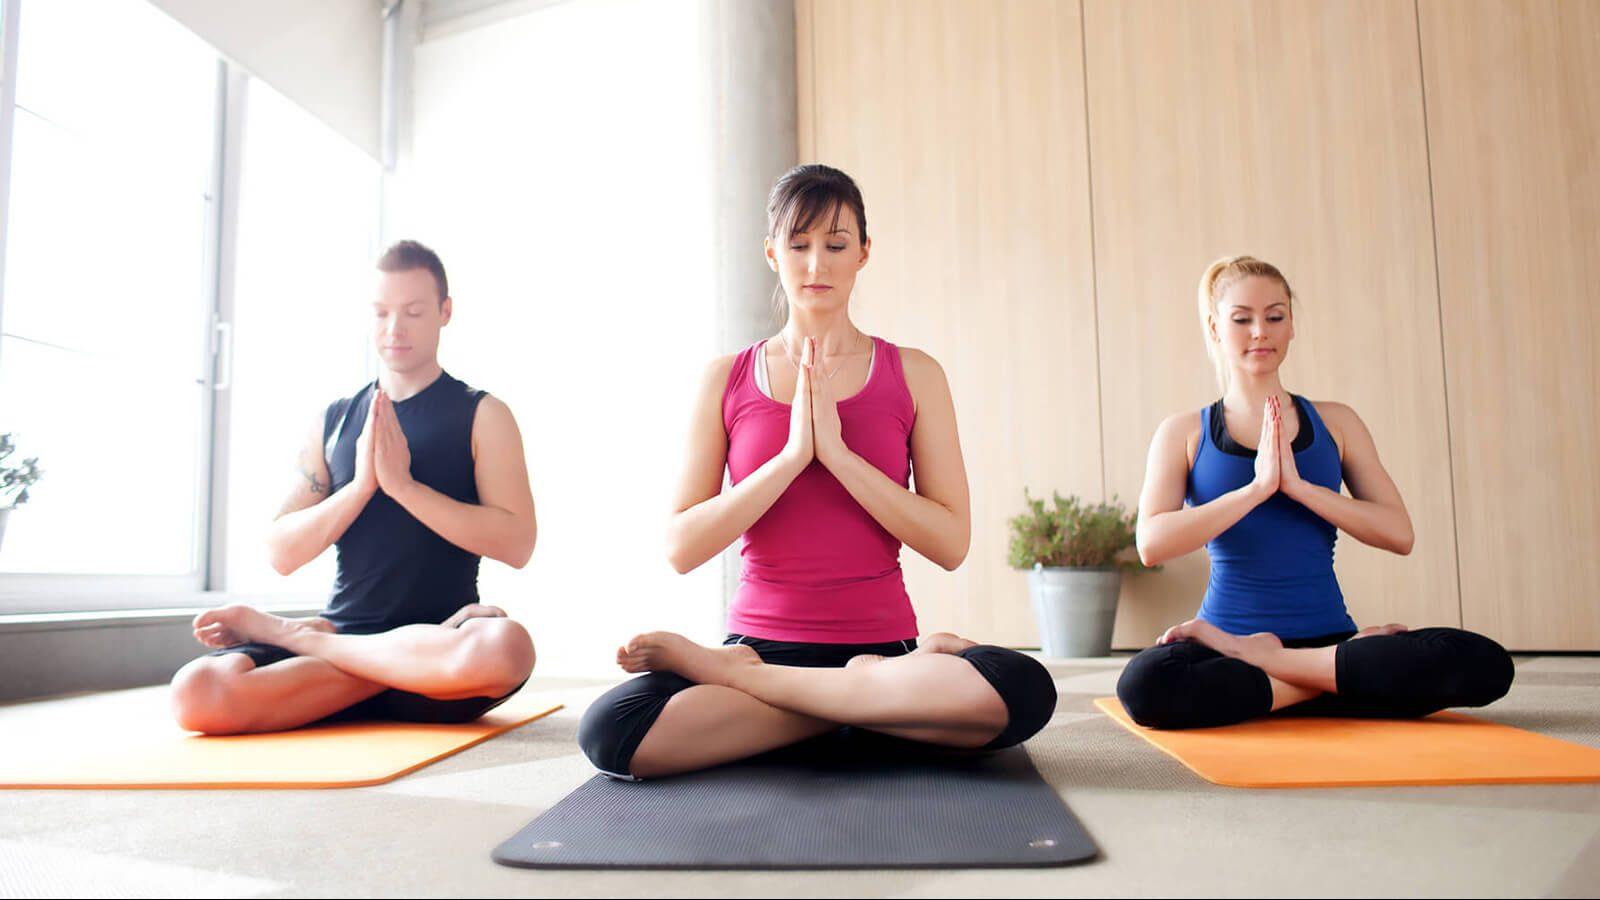 hoc-Yoga-tai-huyen-Dan-Phuong-Ha-Noi.jpg